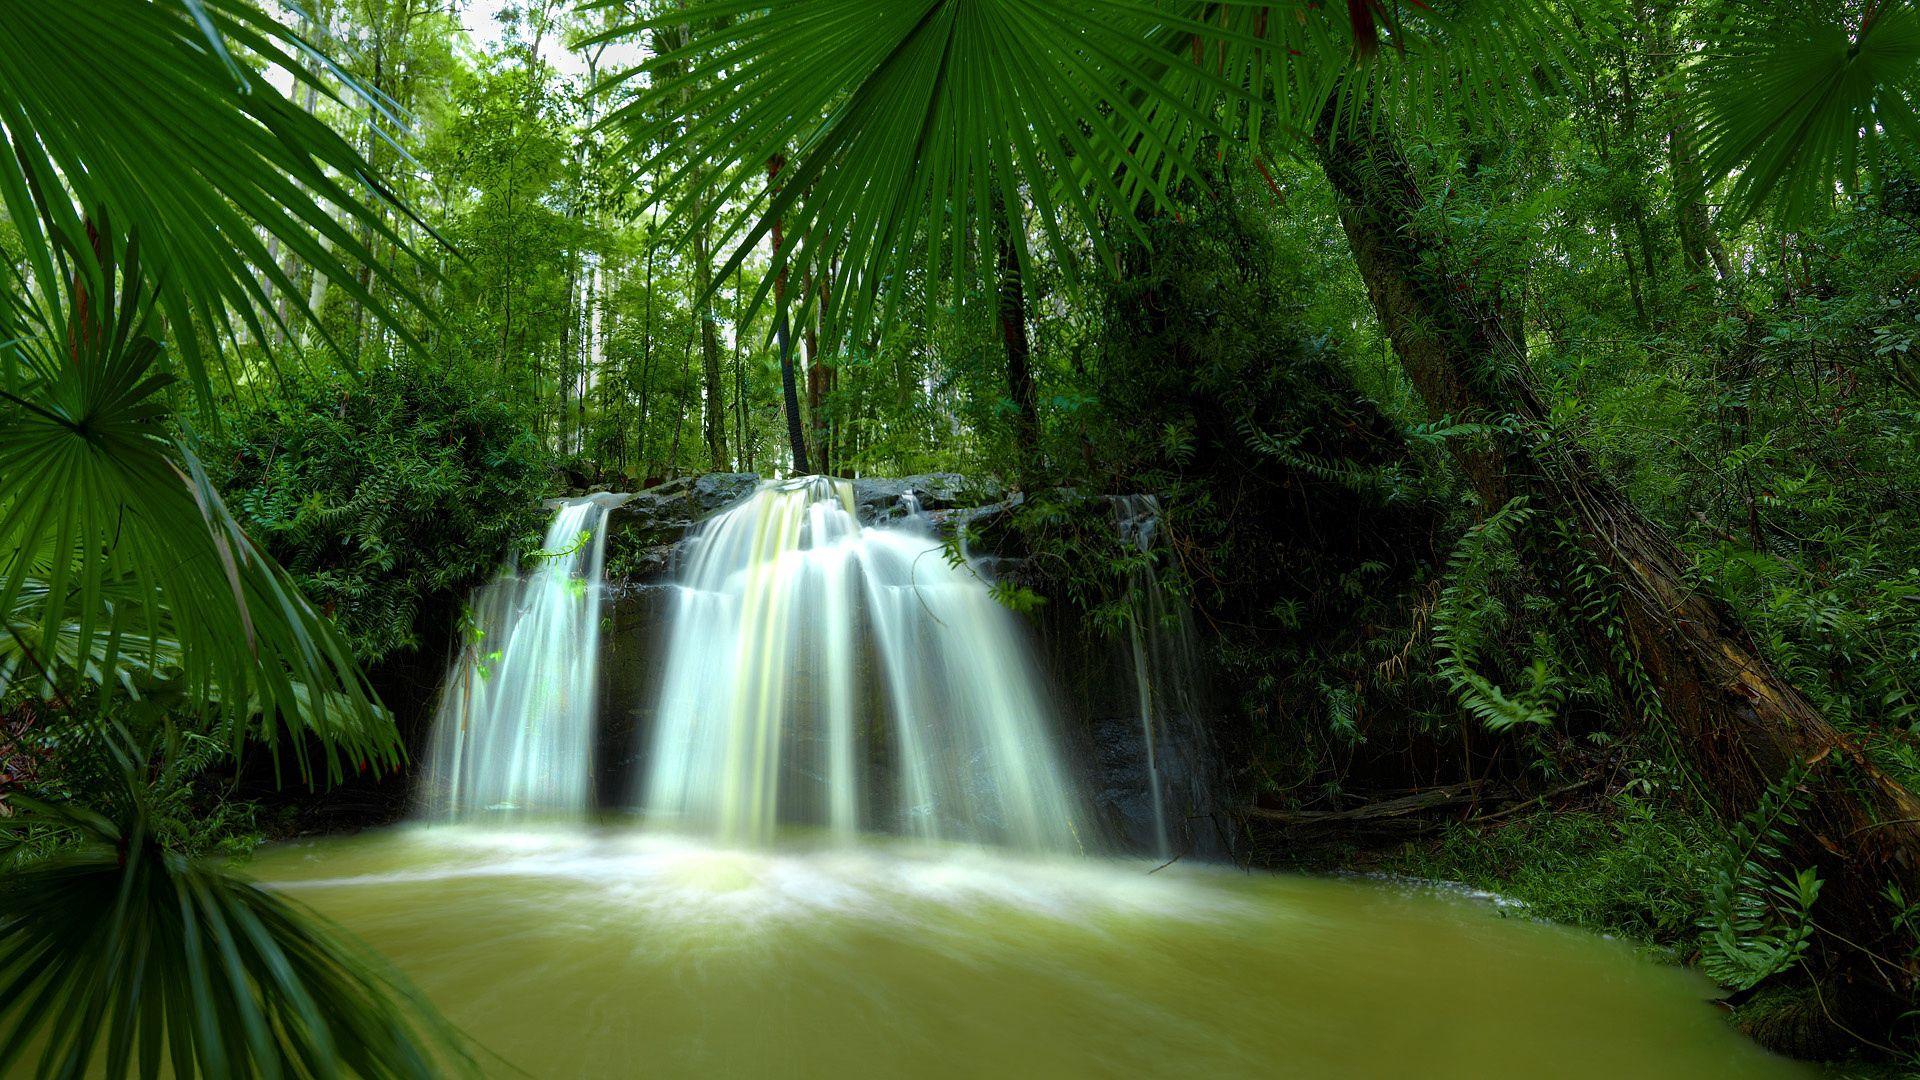 101689 免費下載壁紙 性质, 叶, 瀑布, 丛林, 灌木丛, 扎罗斯利, 热带, 热带地区, 热的, 热, 湿度, 青菜, 棕榈 屏保和圖片